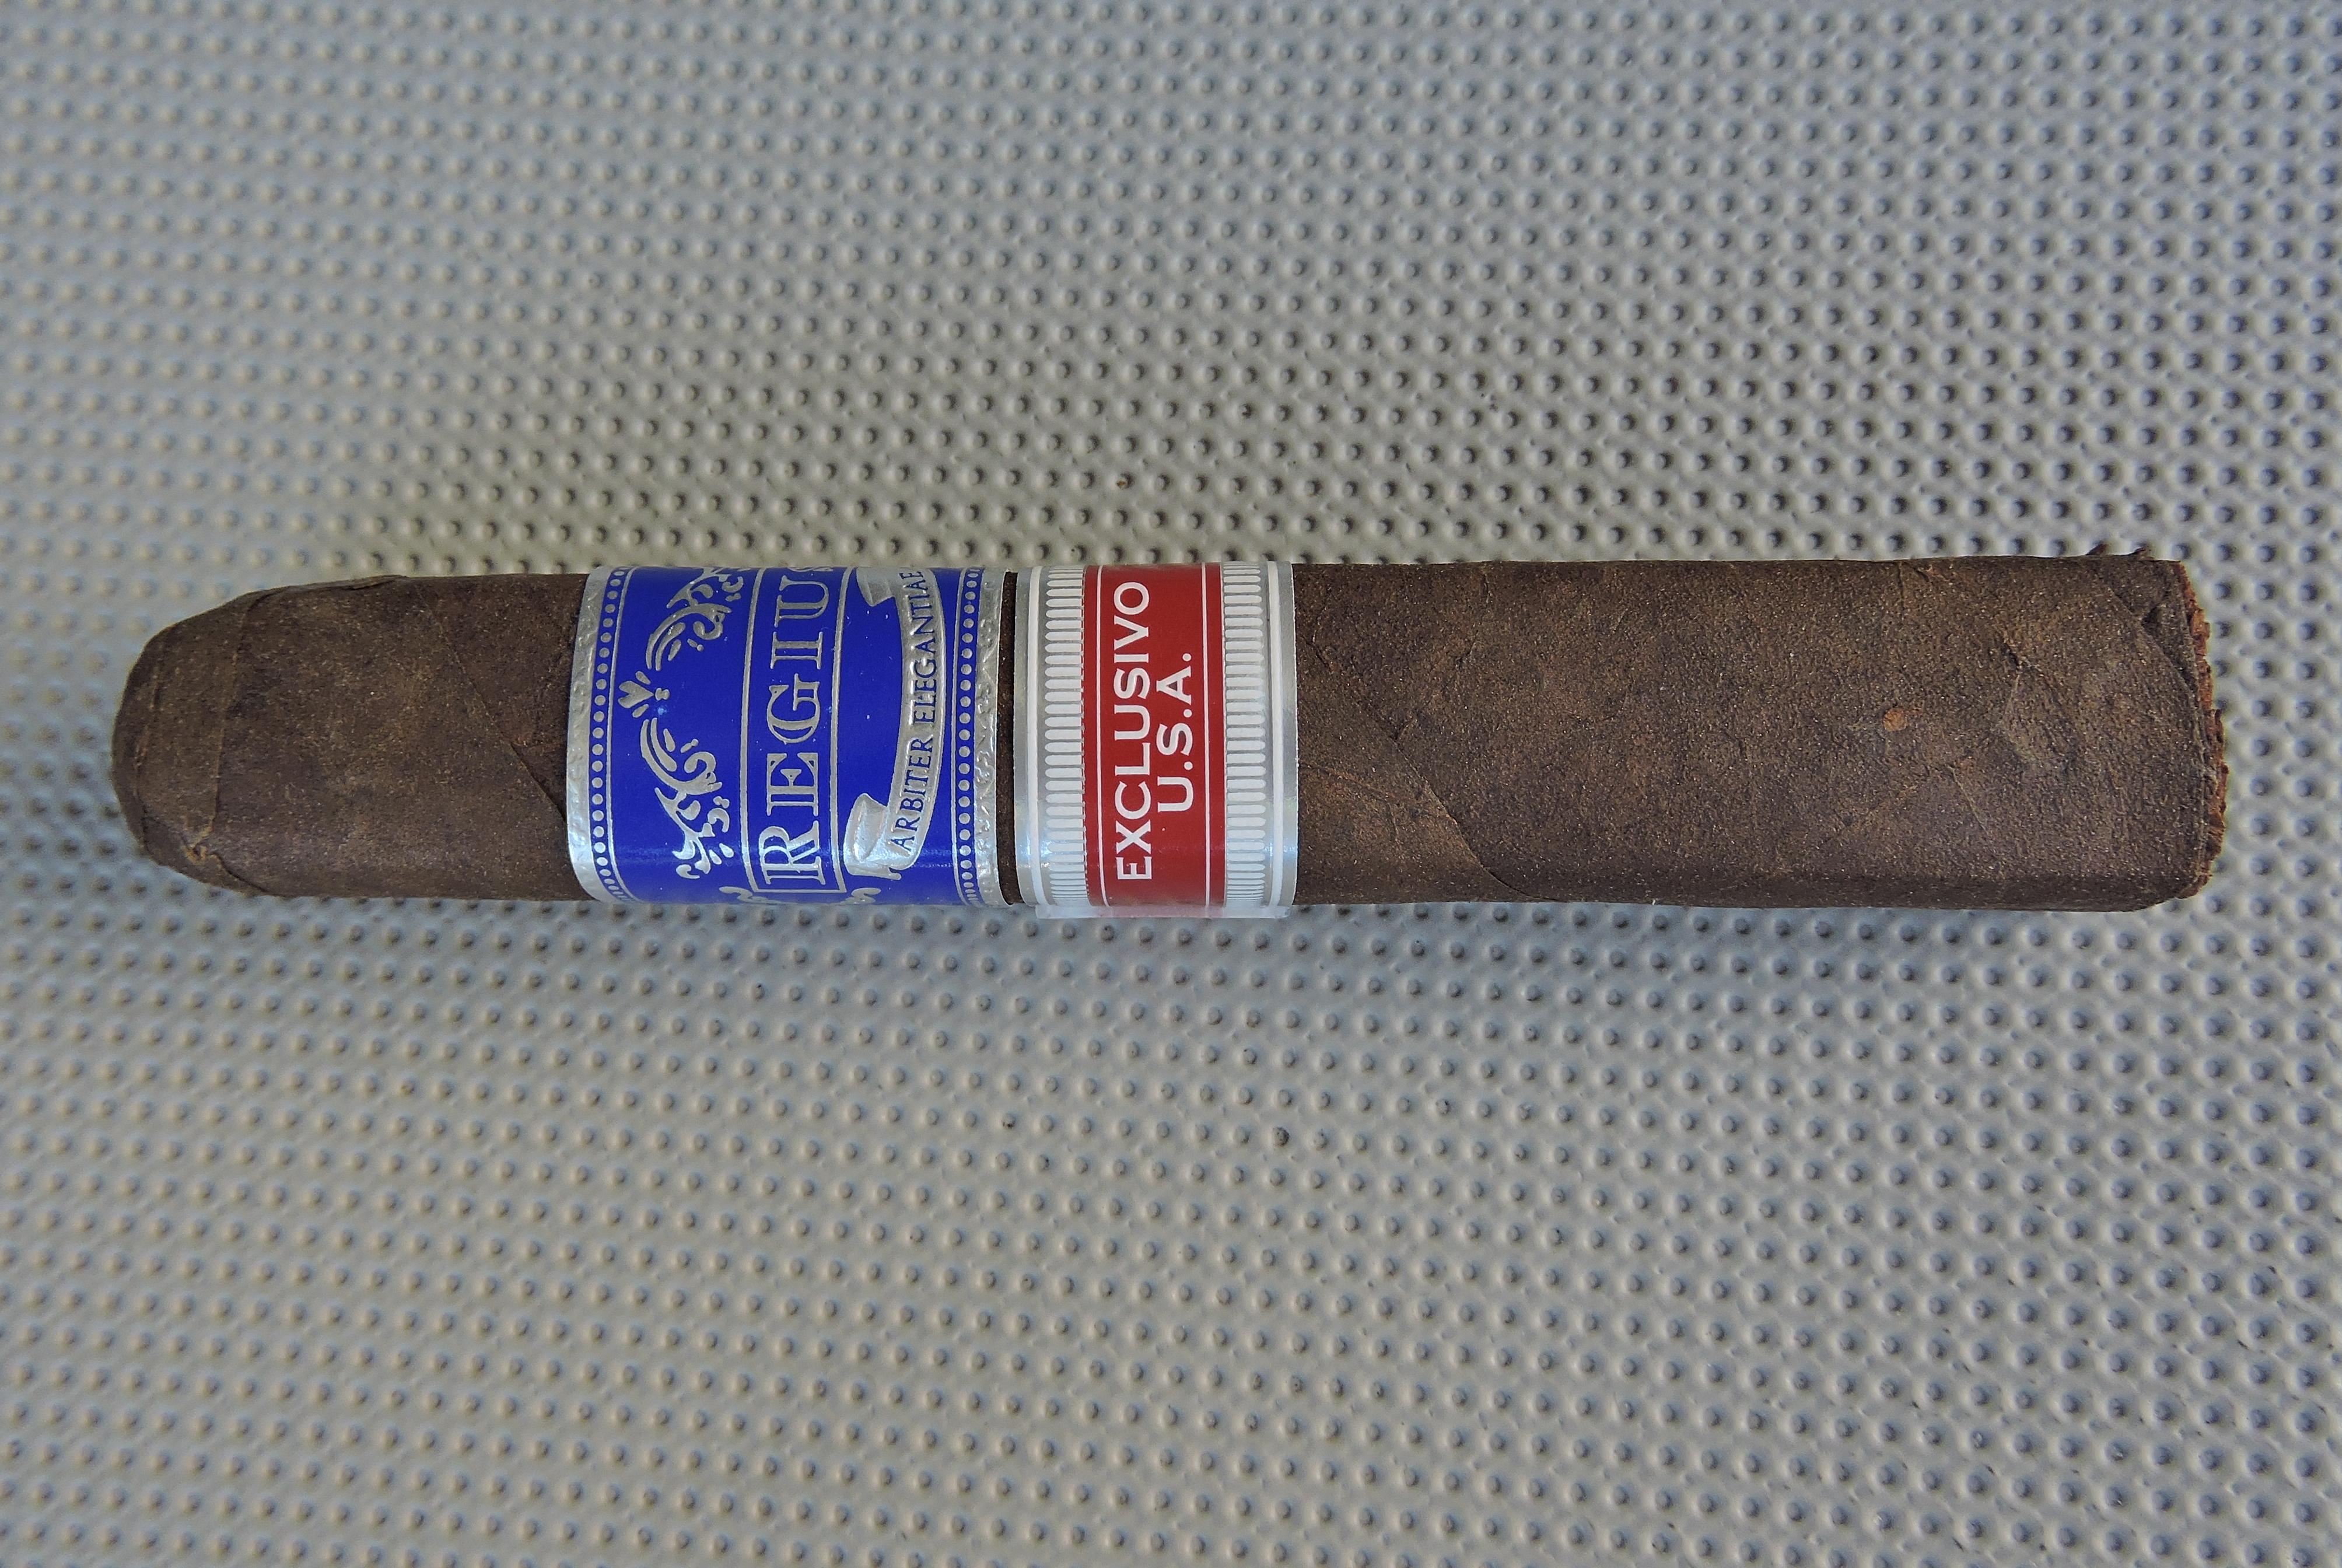 Cigar Review: Regius Exclusivo U.S.A. Oscuro Especial Robusto